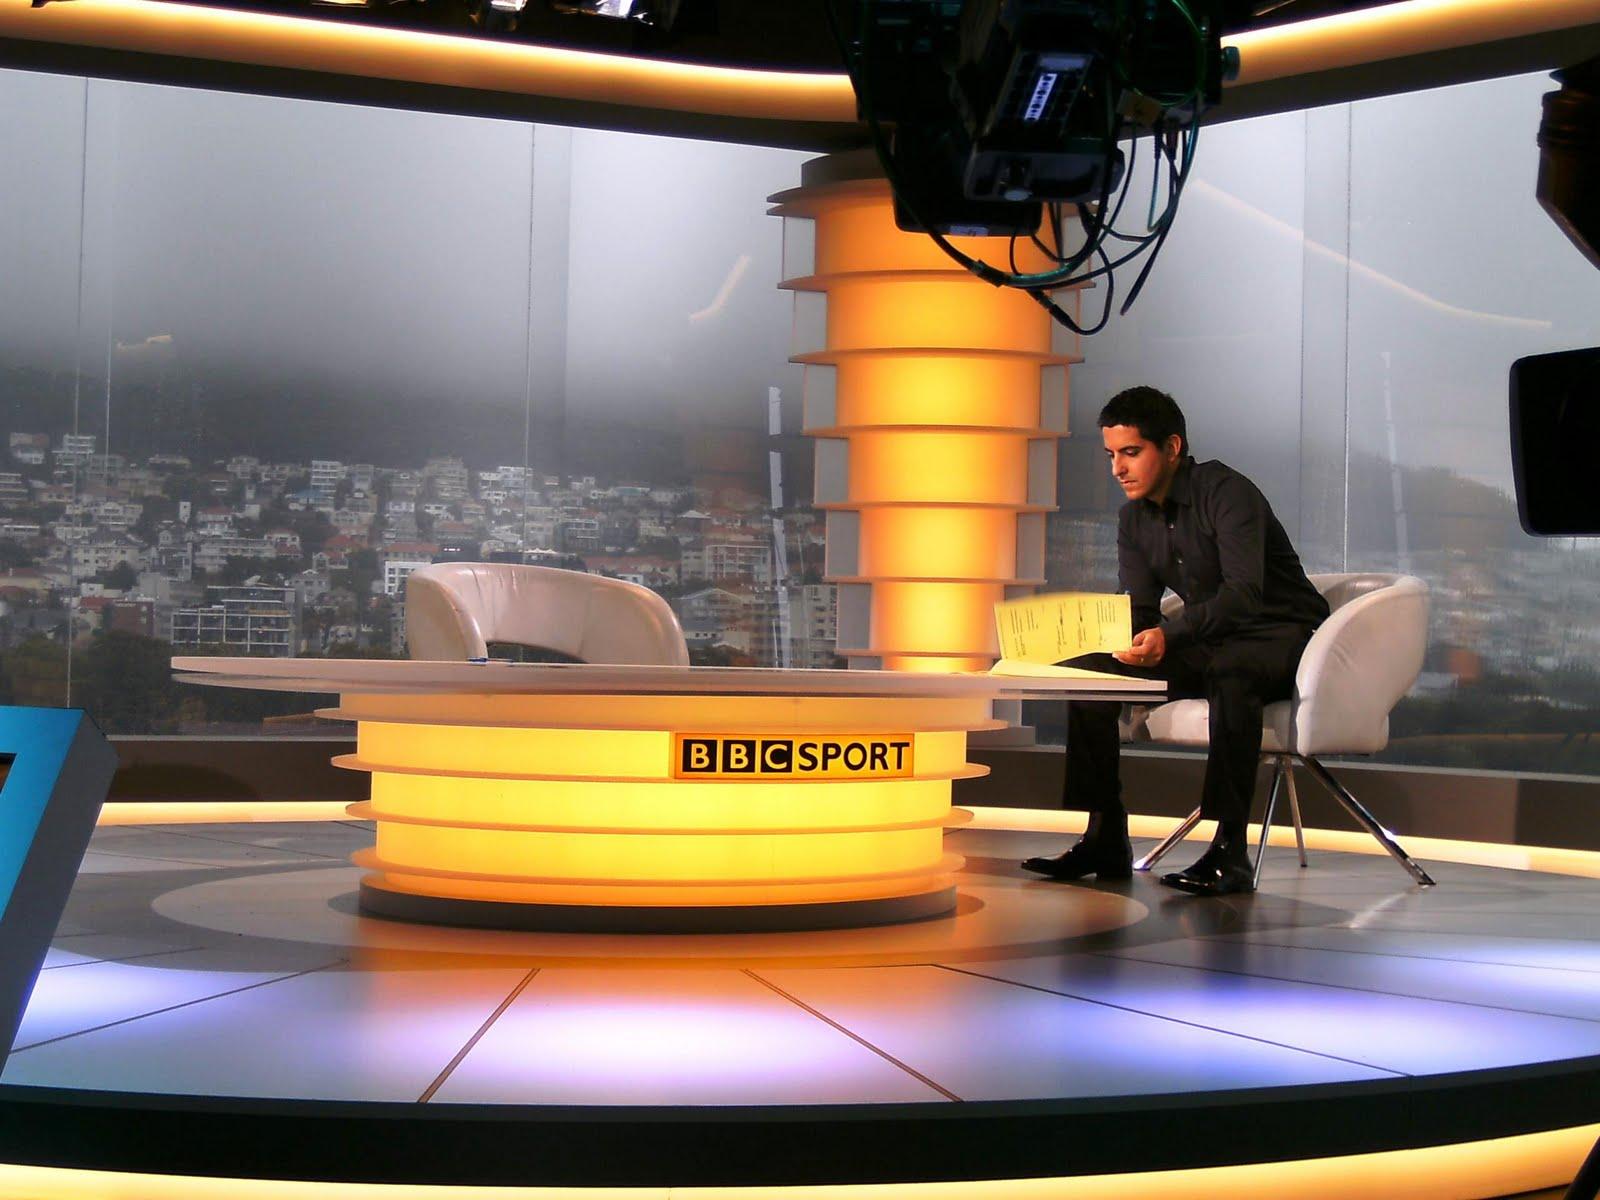 bbc sport - HD1600×1200